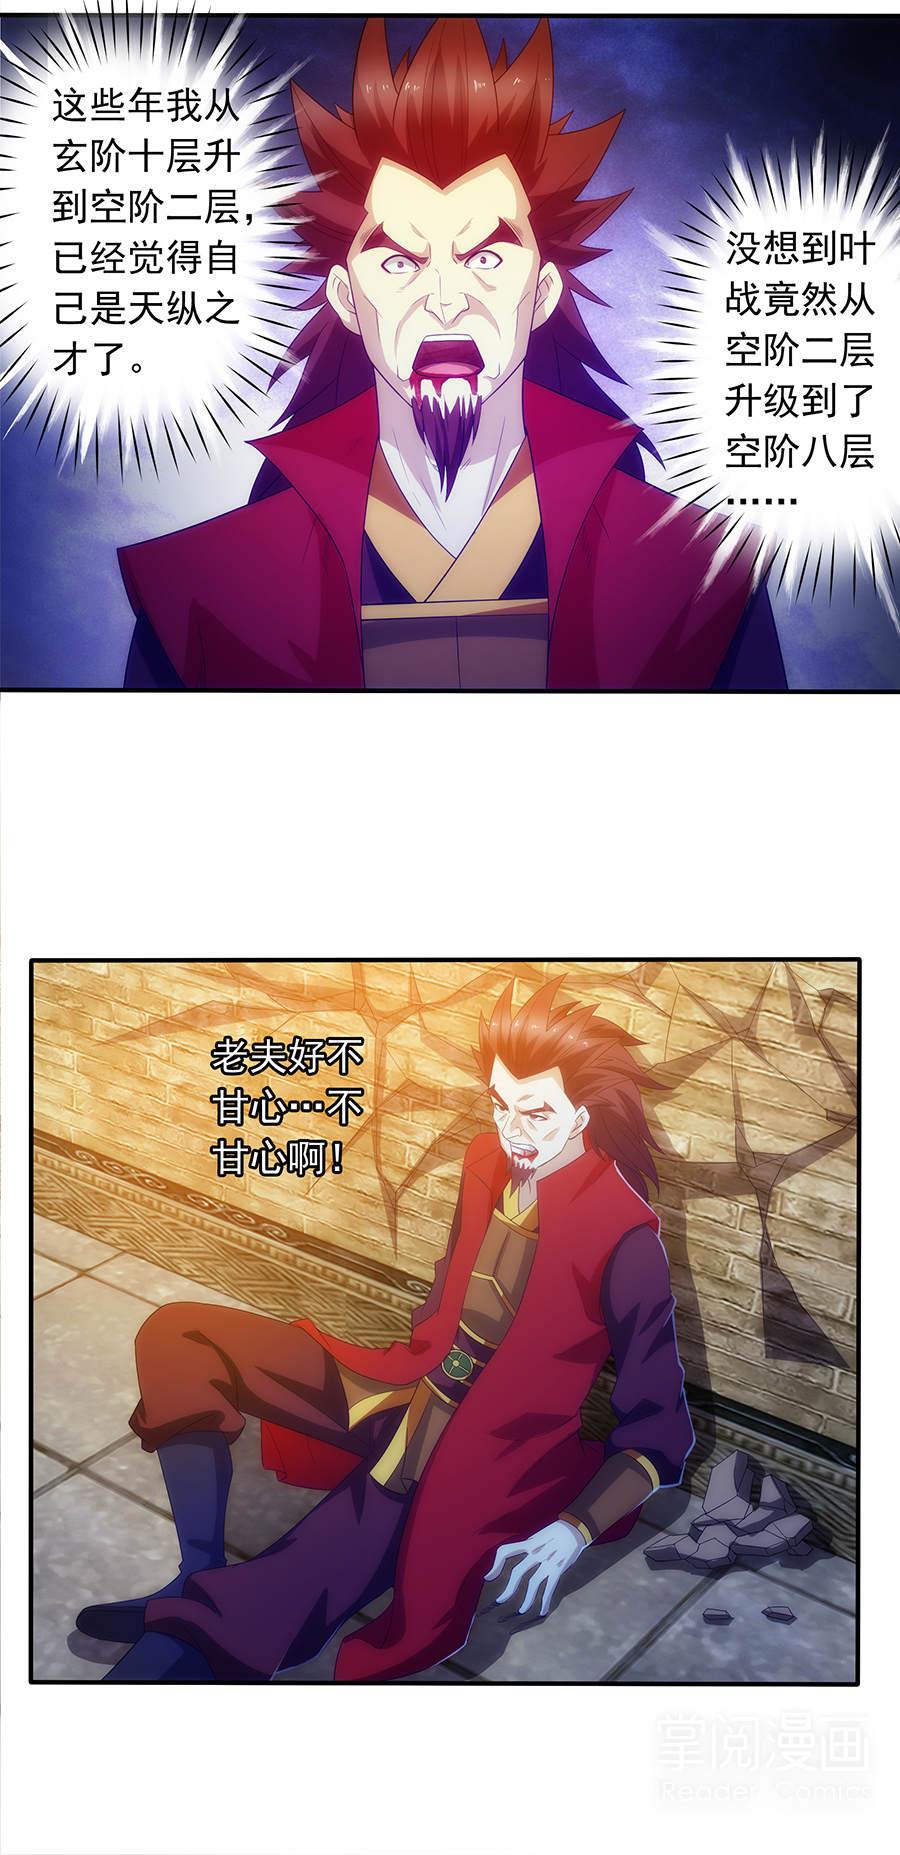 绝世剑神第9话  太极必杀 第 5